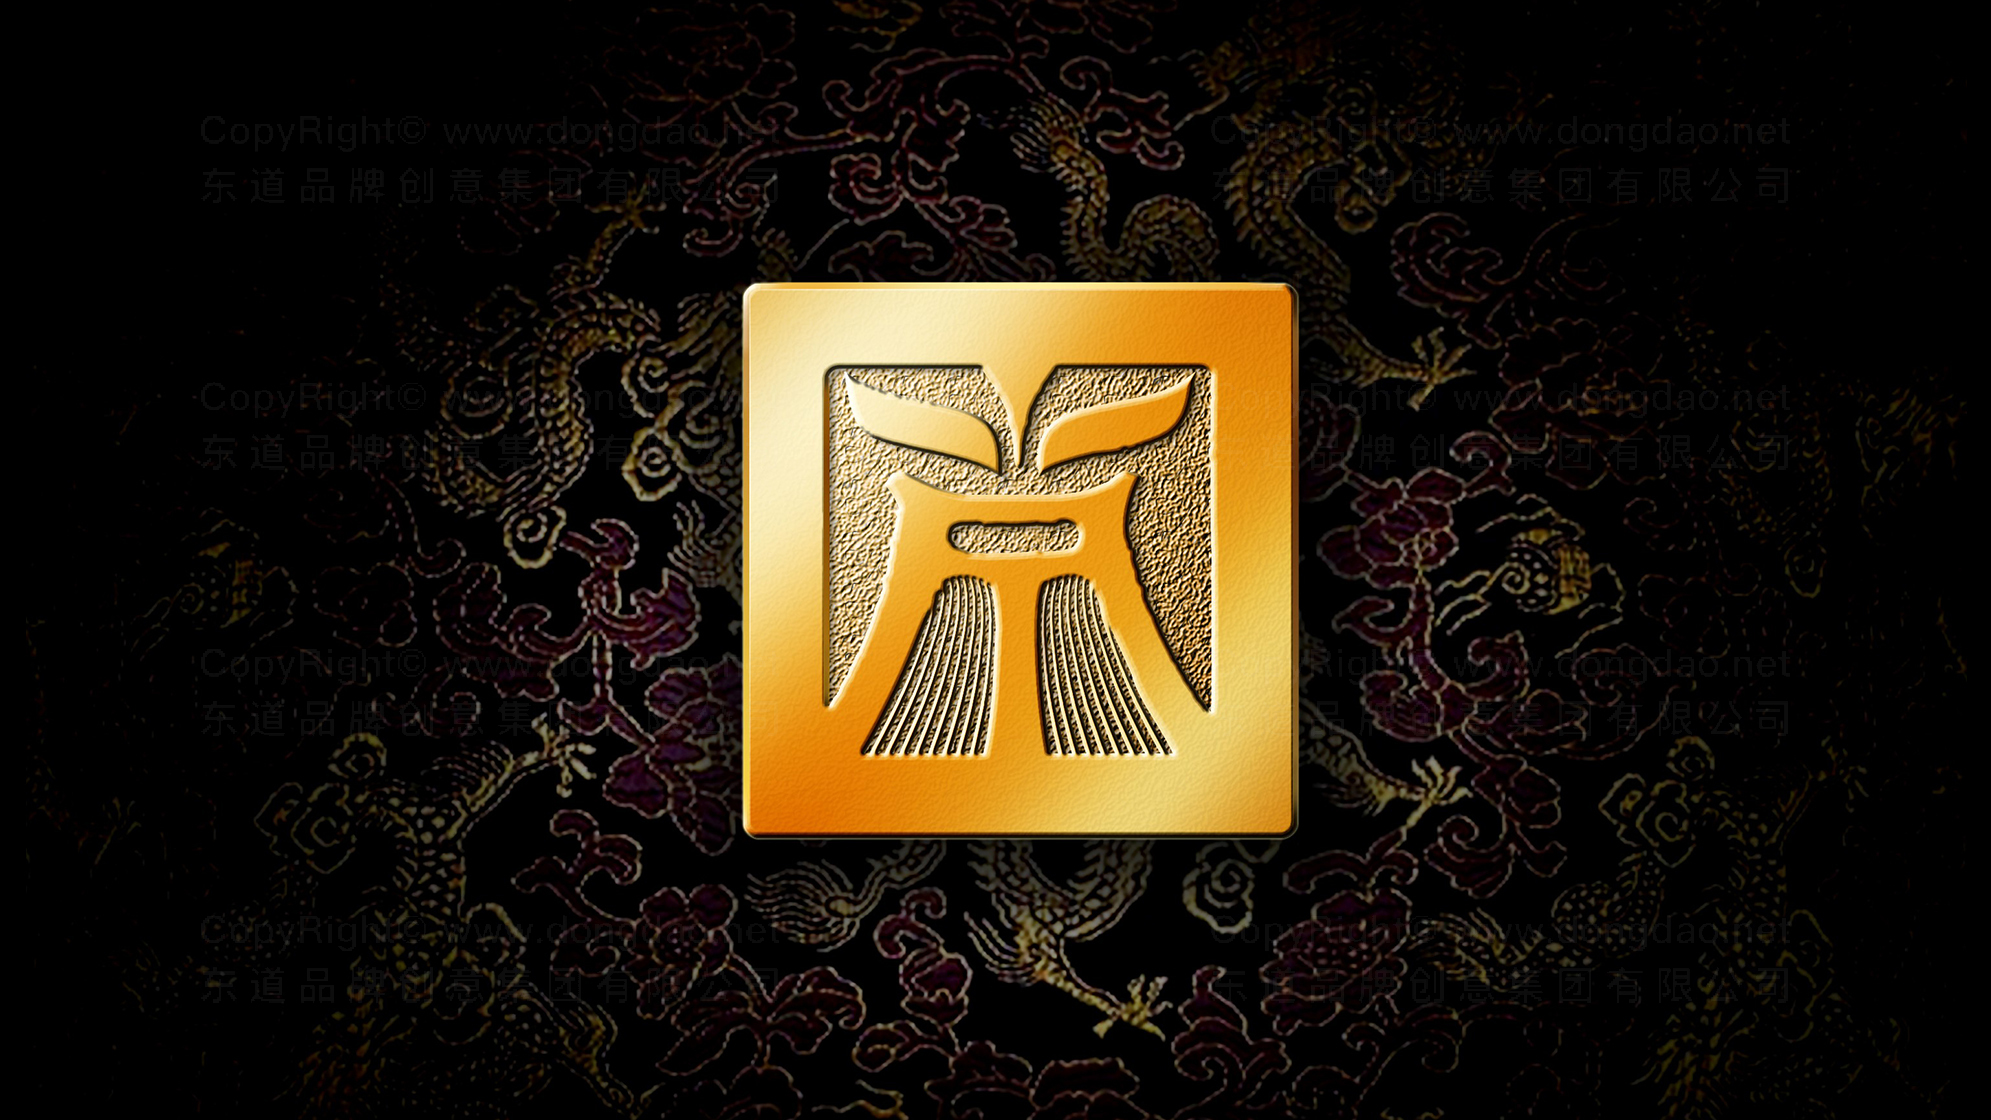 品牌设计案例于魁智京剧艺术发展基金会LOGO&VI设计